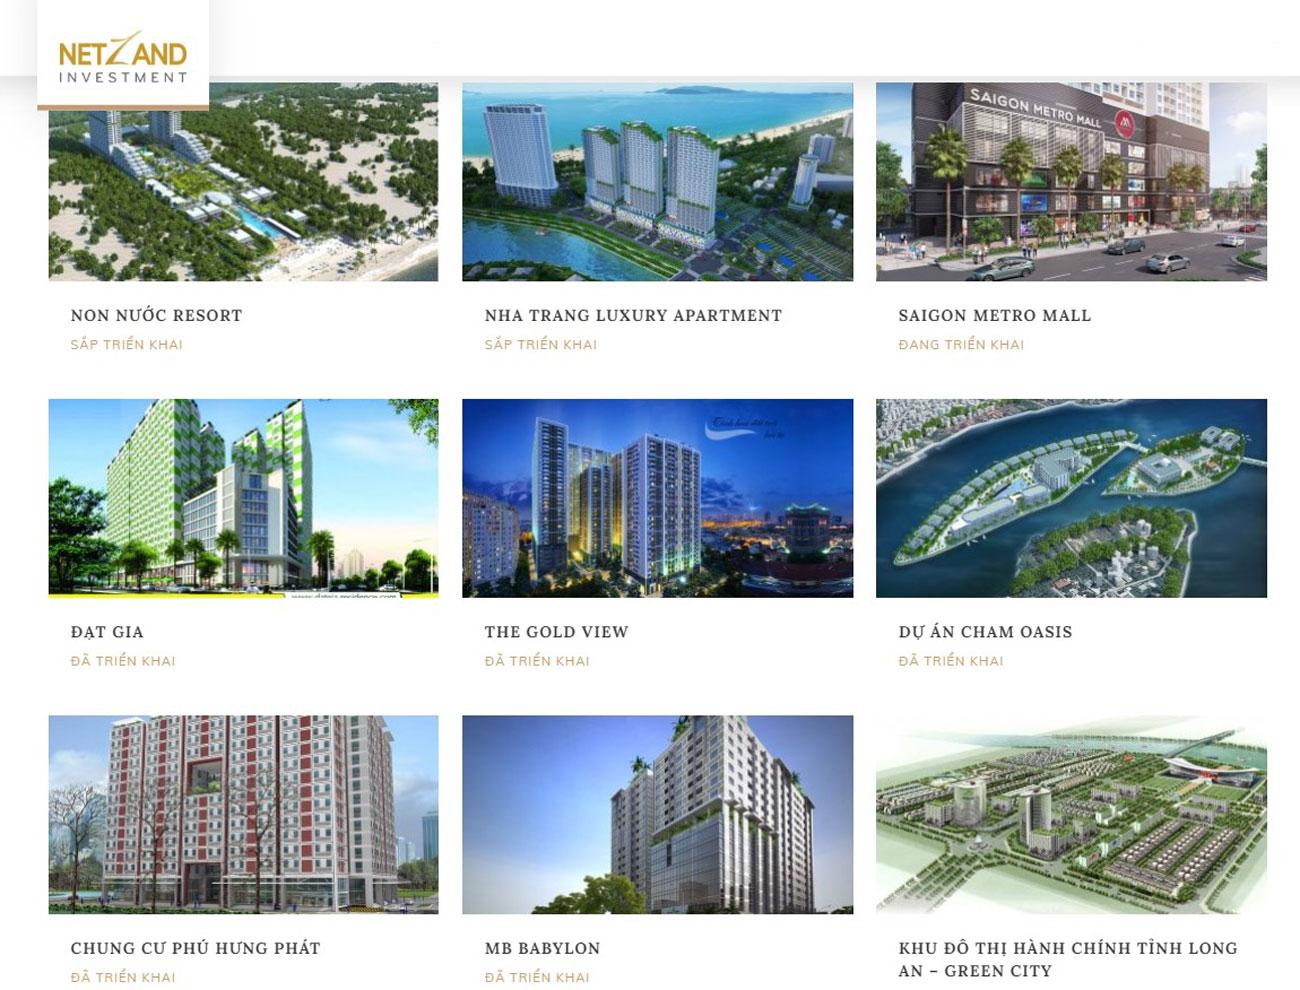 Chủ đầu tư dự án căn hộ The Aston Nha Trang đã triển khai các dự án